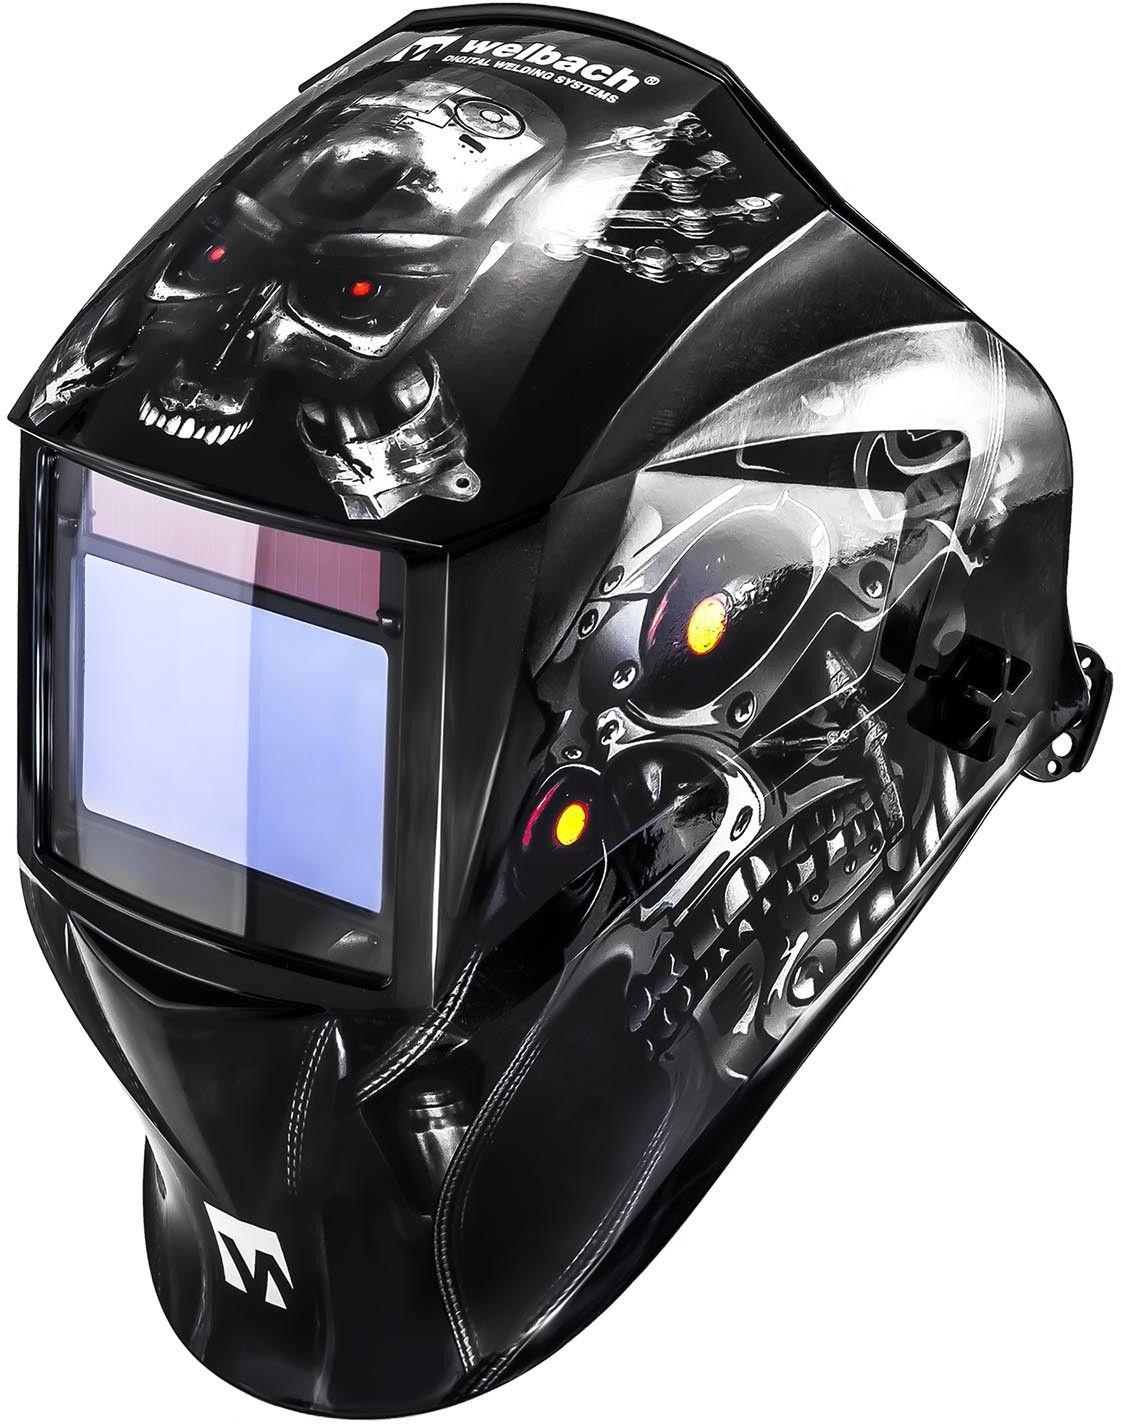 Maska spawalnicza - Metalator - Expert - Stamos Welding - Metalator - 3 lata gwarancji/wysyłka w 24h